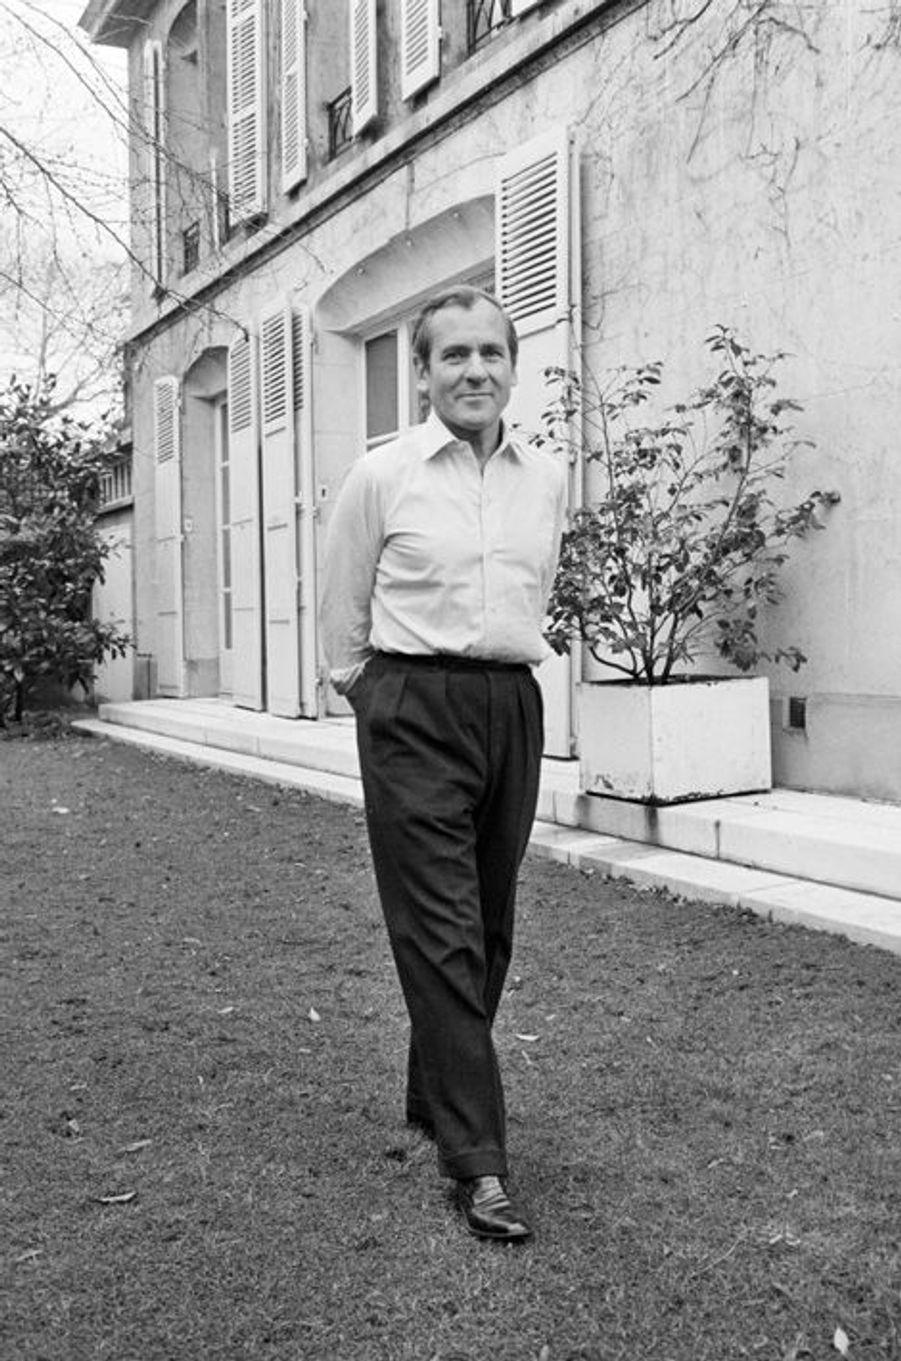 Le 15 décembre 1980 en France, l'écrivain Jean D'ORMESSON, dans son jardin, chez lui.